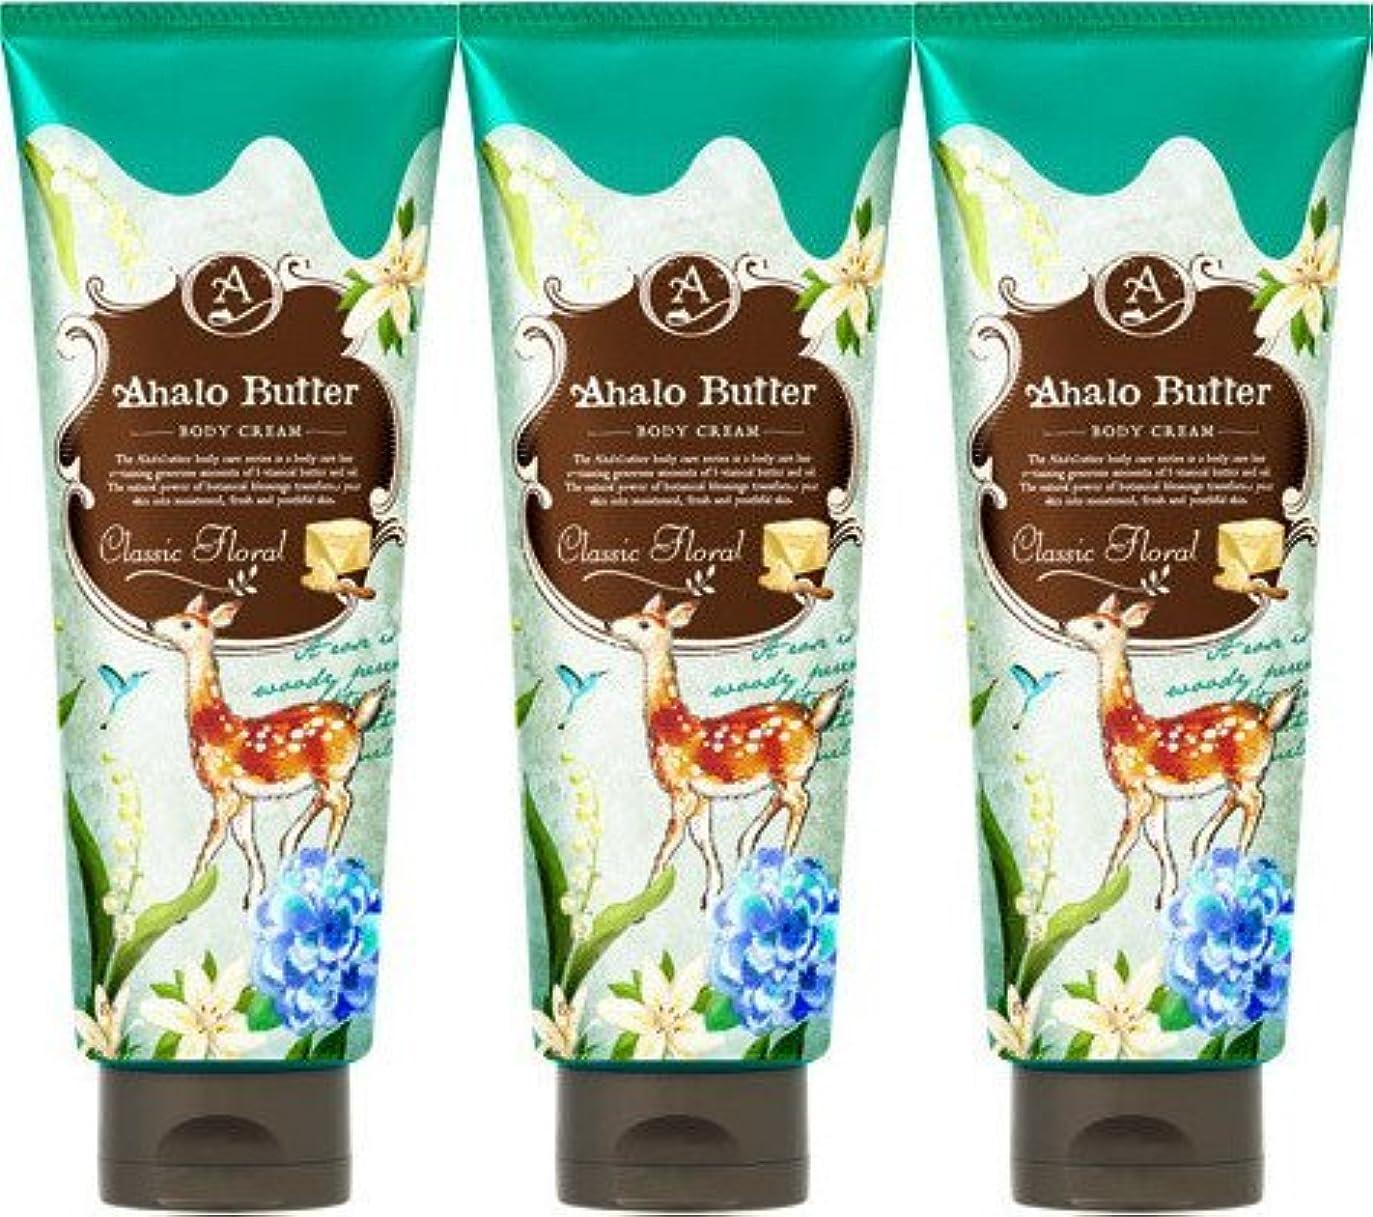 くしゃみ明日全体【3個セット】Ahalo butter(アハロバター) ボディクリーム クラシックフローラル 150g